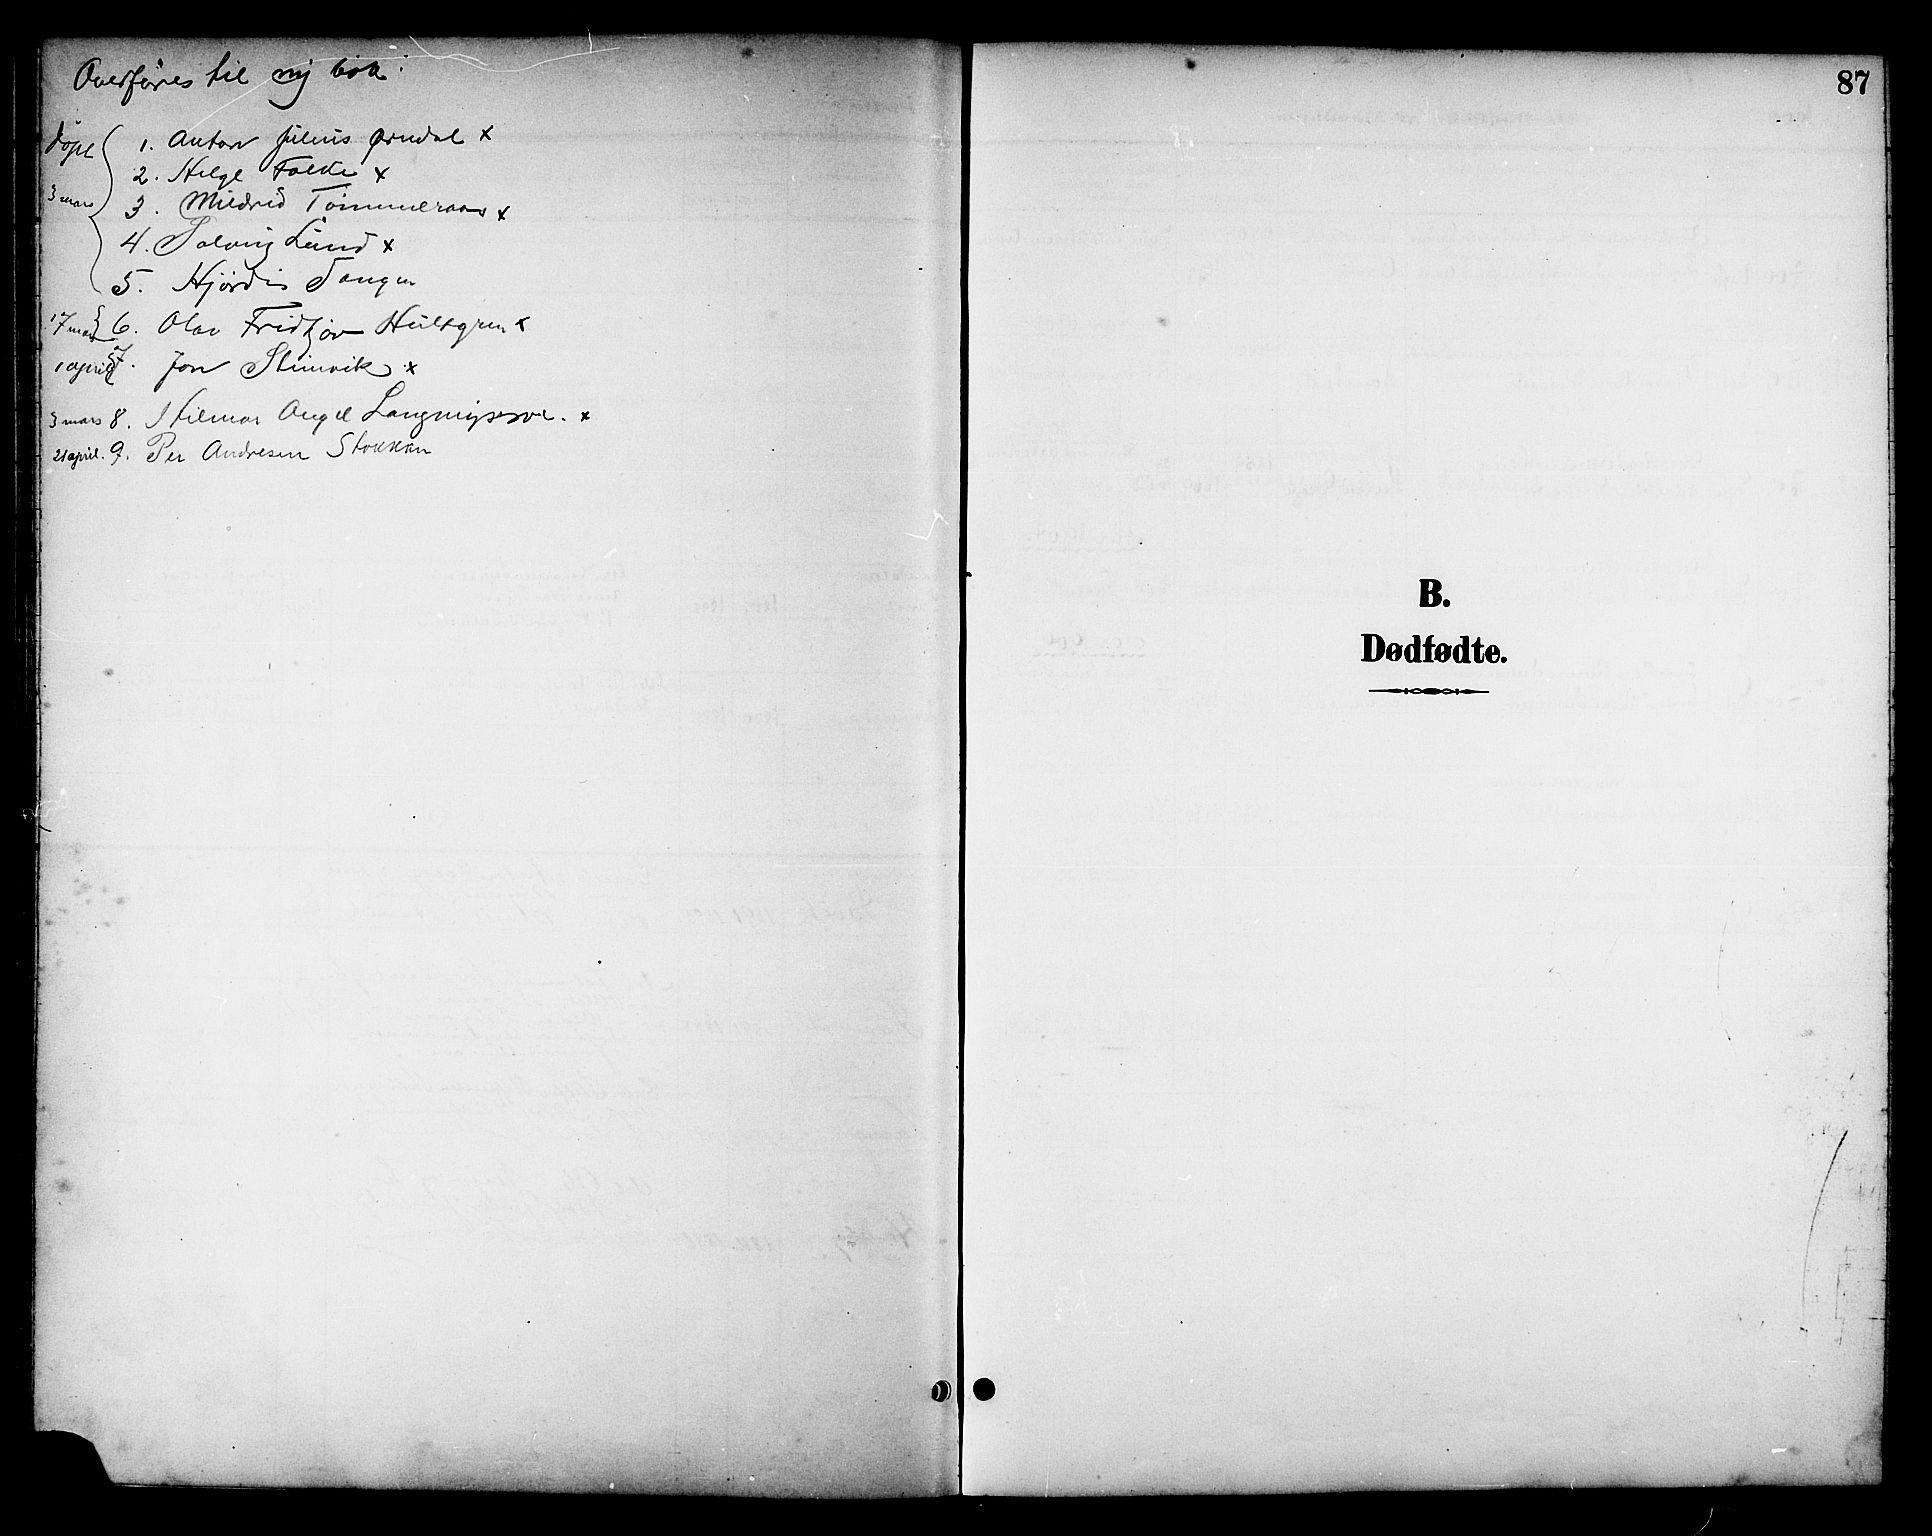 SAT, Ministerialprotokoller, klokkerbøker og fødselsregistre - Nord-Trøndelag, 714/L0135: Klokkerbok nr. 714C04, 1899-1918, s. 87